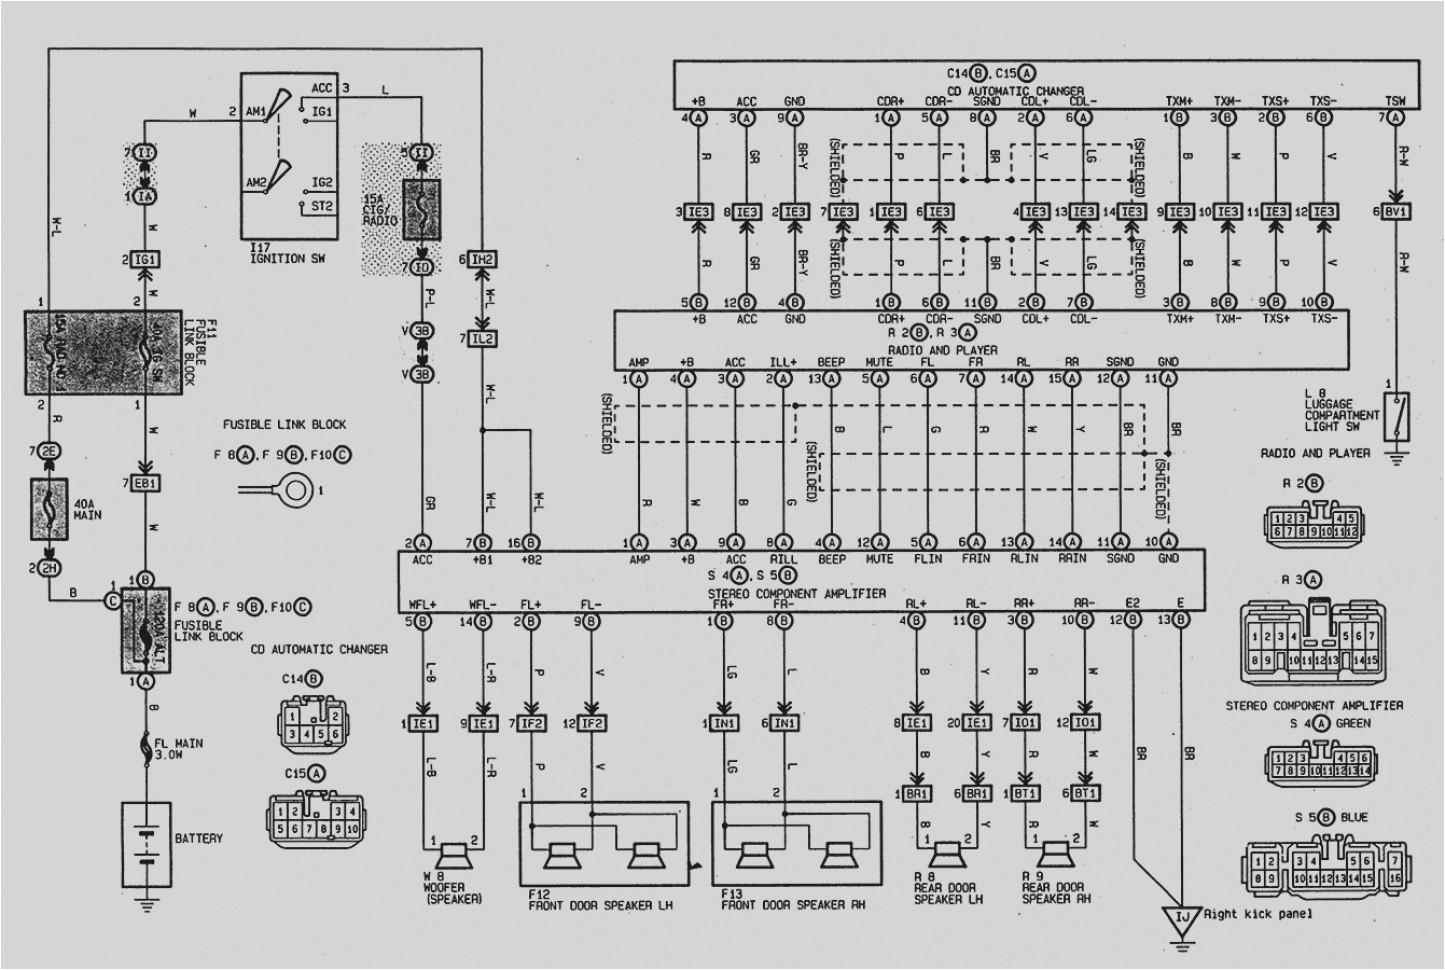 toyota venza schematic wiring diagram operations 2010 toyota venza wiring diagram toyota venza wiring schematic wiring